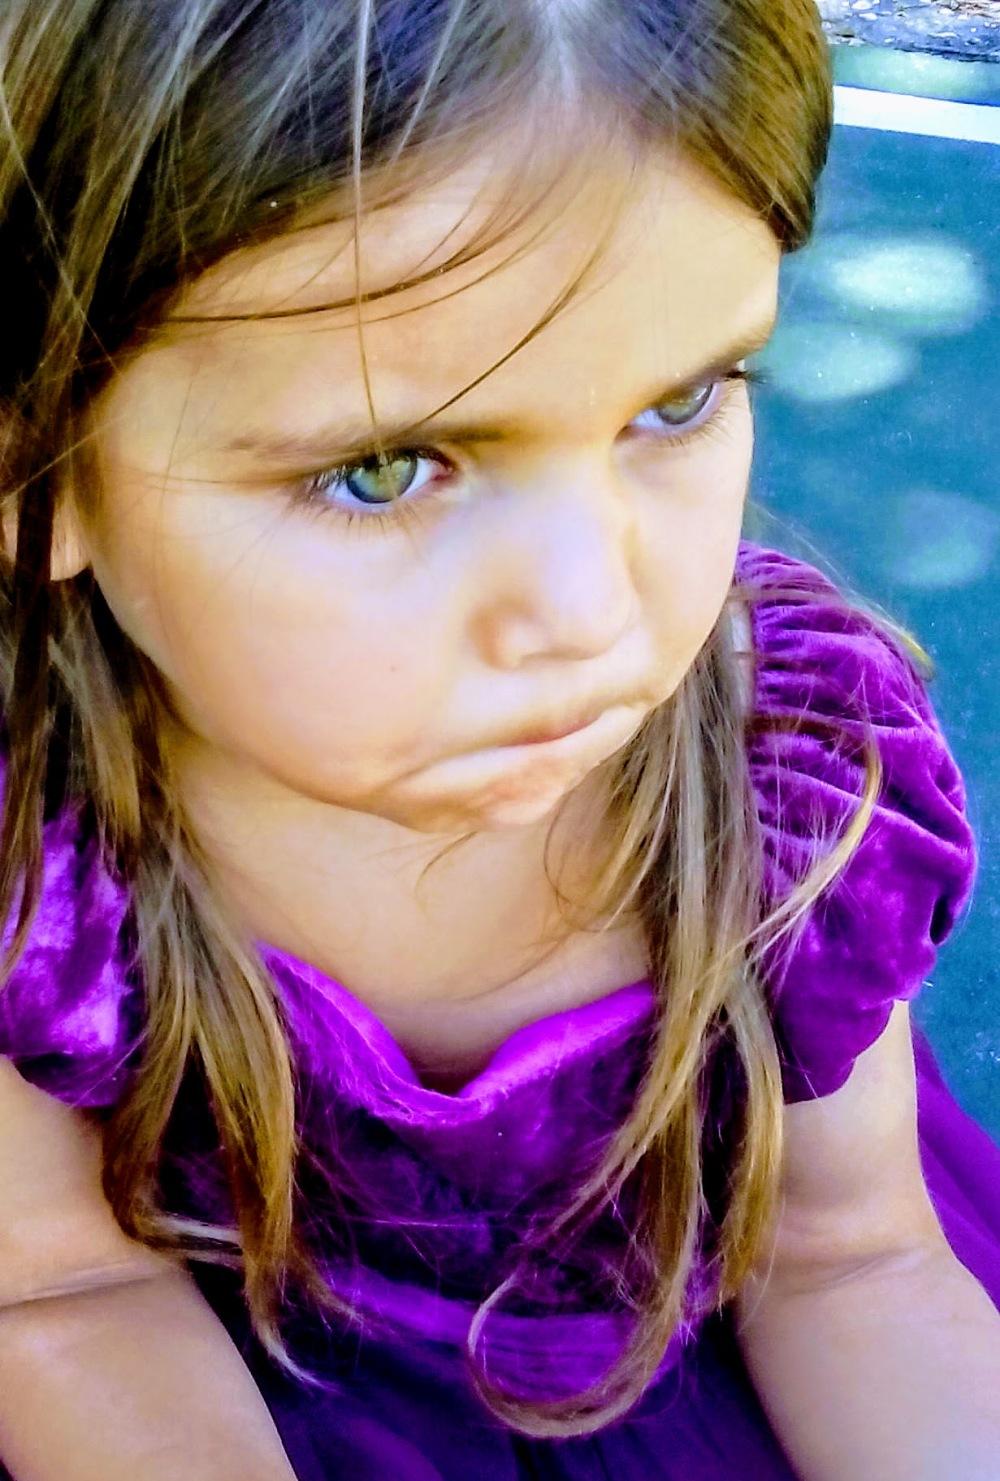 girl in purple dress amazing green eyes